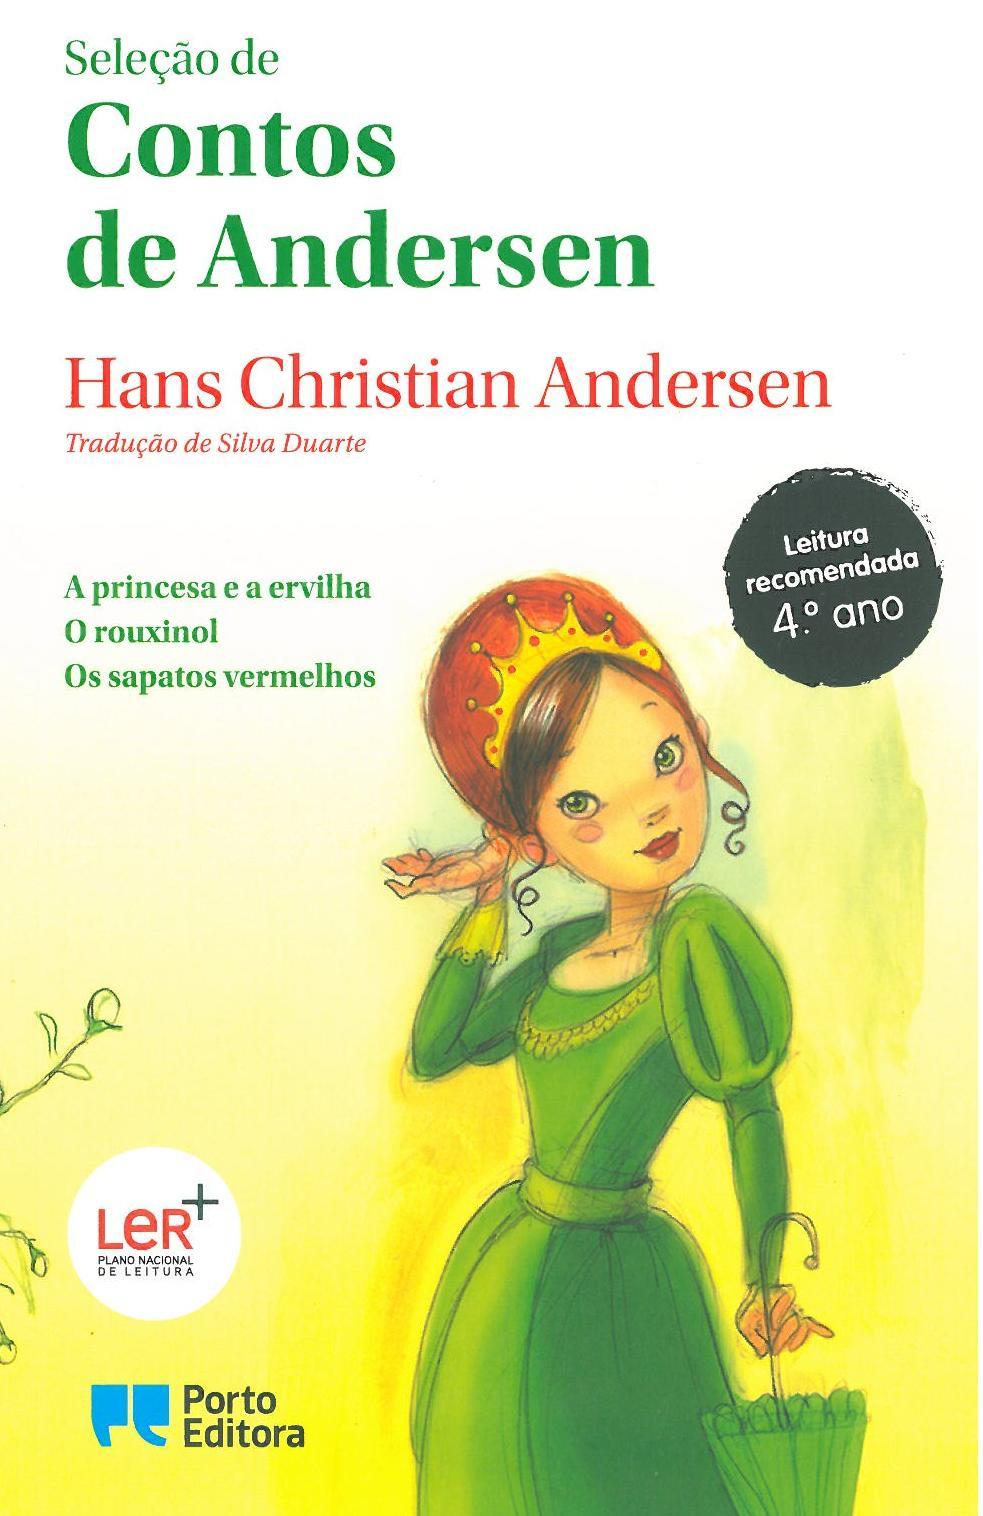 Seleção de contos de Andersen_.jpg